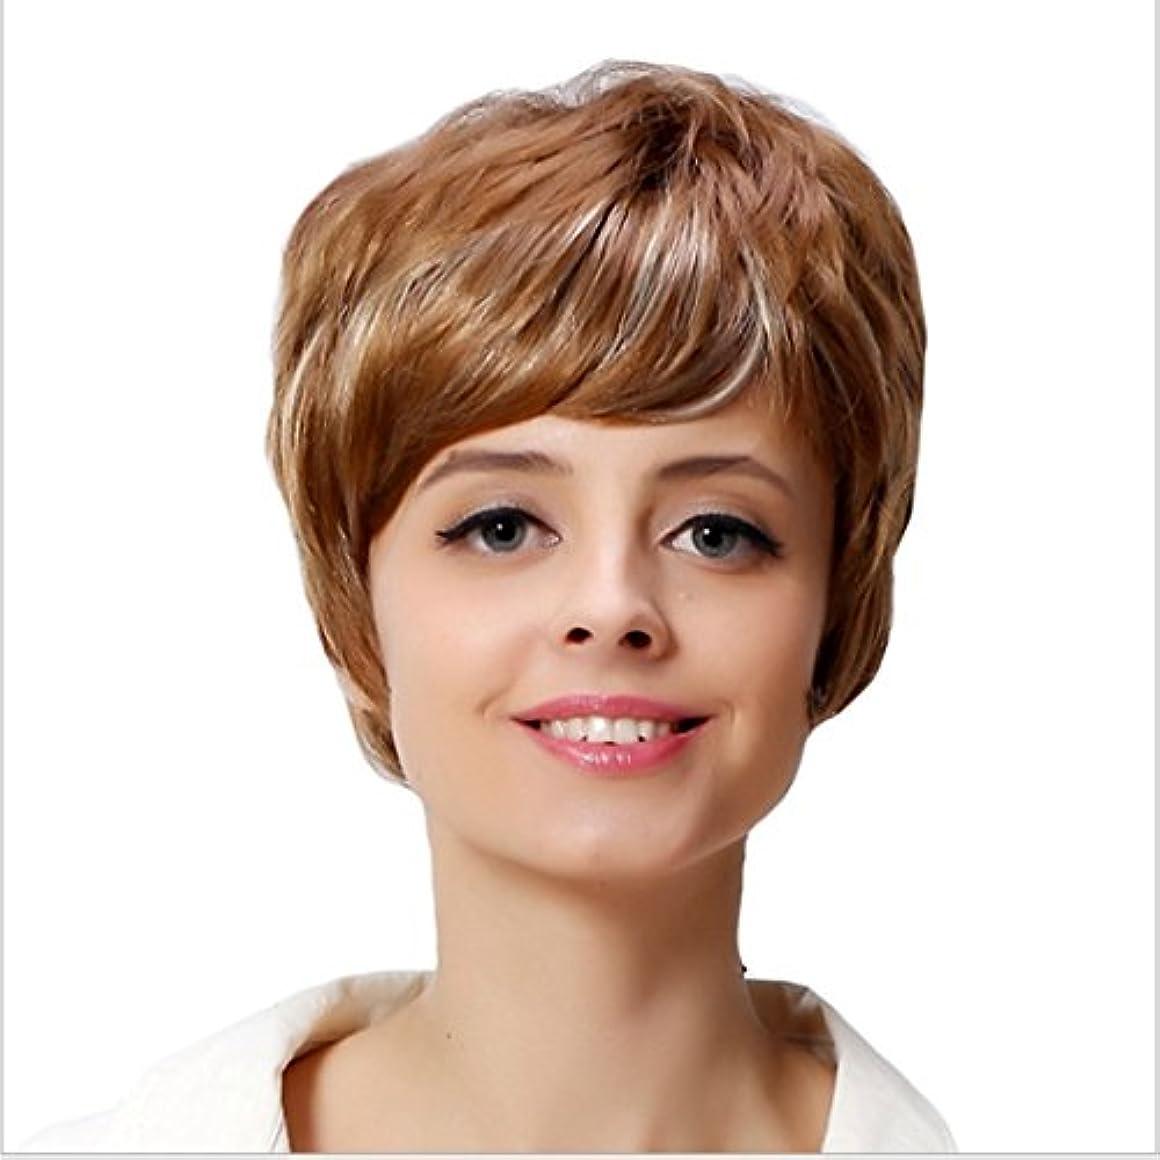 ズボン広大なその結果YOUQIU ホワイト女性のためのフラット前髪毛180グラムかつらを持つ女性カーリー耐熱ウィッグのために10インチ/ 12インチショートウェーブゴールドウィッグ (サイズ : 10inch)